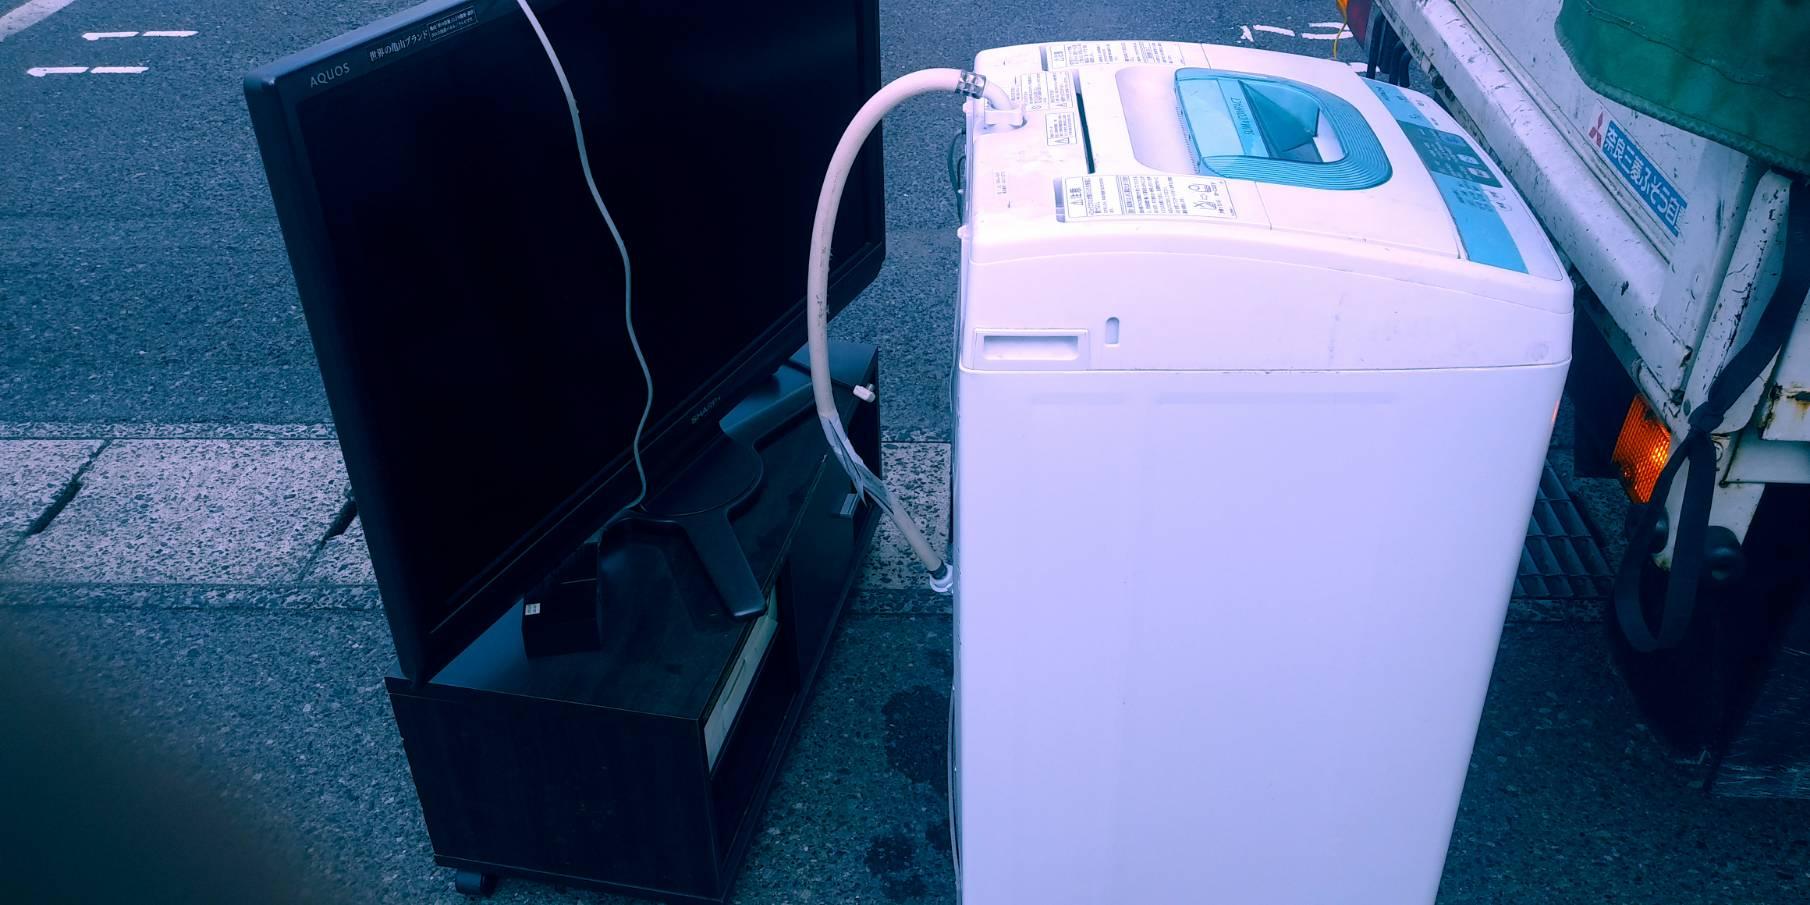 洗濯機、テレビ、テレビ台の回収前